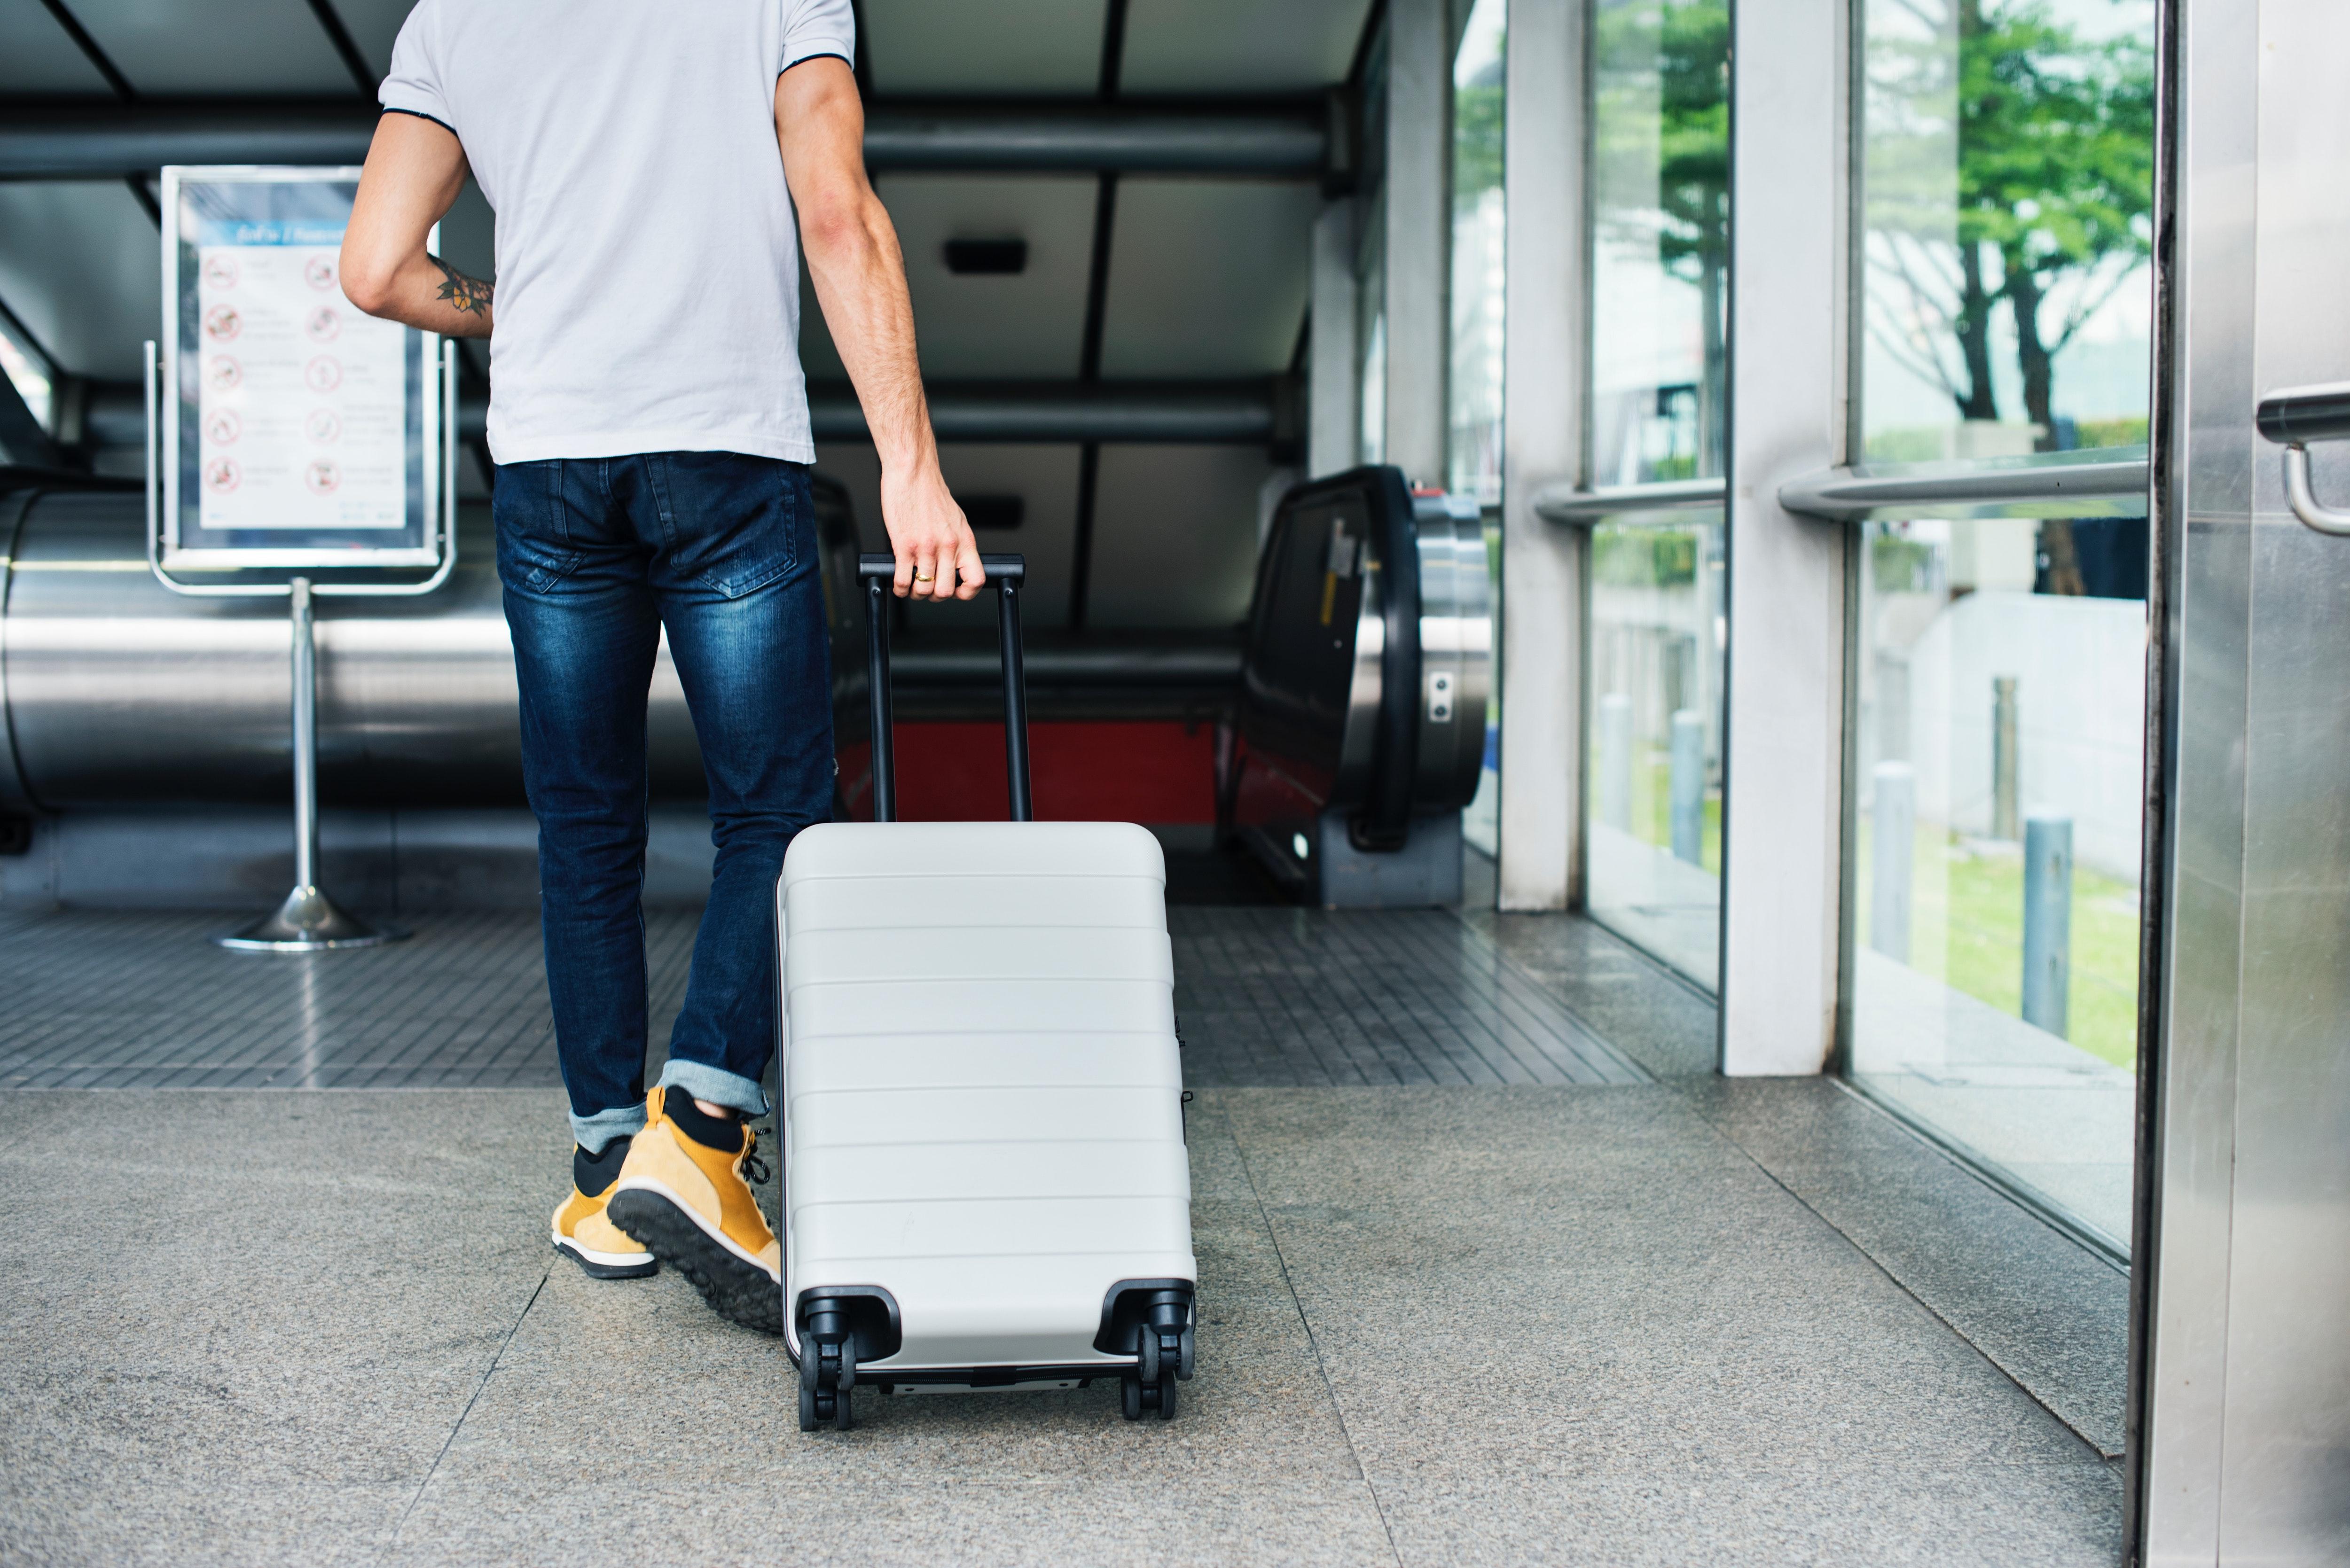 懶科技:出國享禮遇通關、還能拿百萬補助?解密台灣新創圈獨享的「3大優惠」